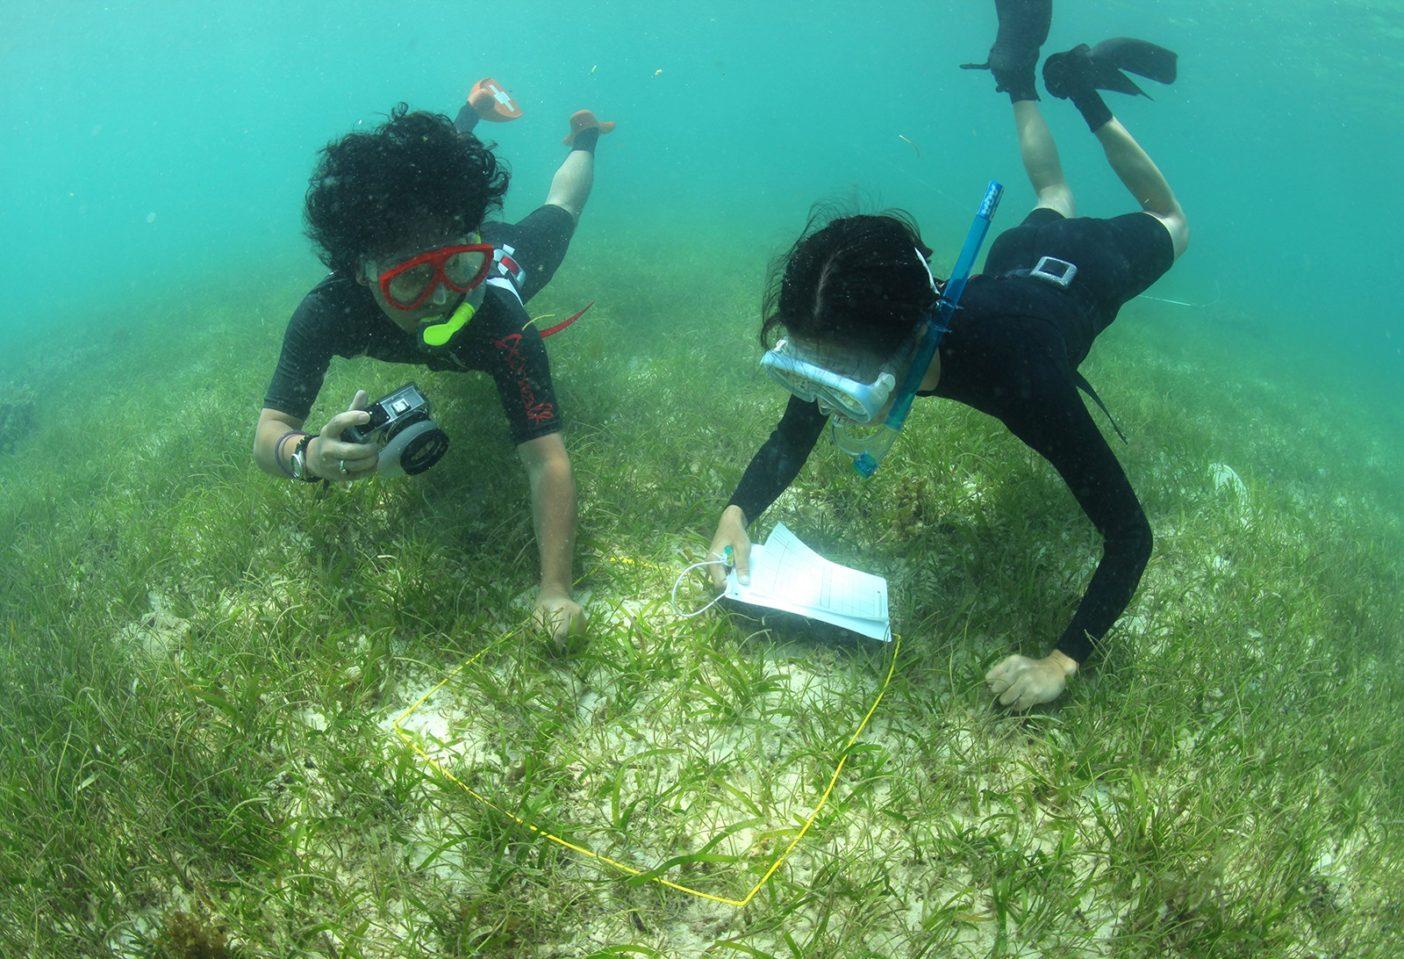 日本自然保護協会が市民参加で実施してきた辺野古の海草藻場の調査「ジャングサウオッチ」のようす。